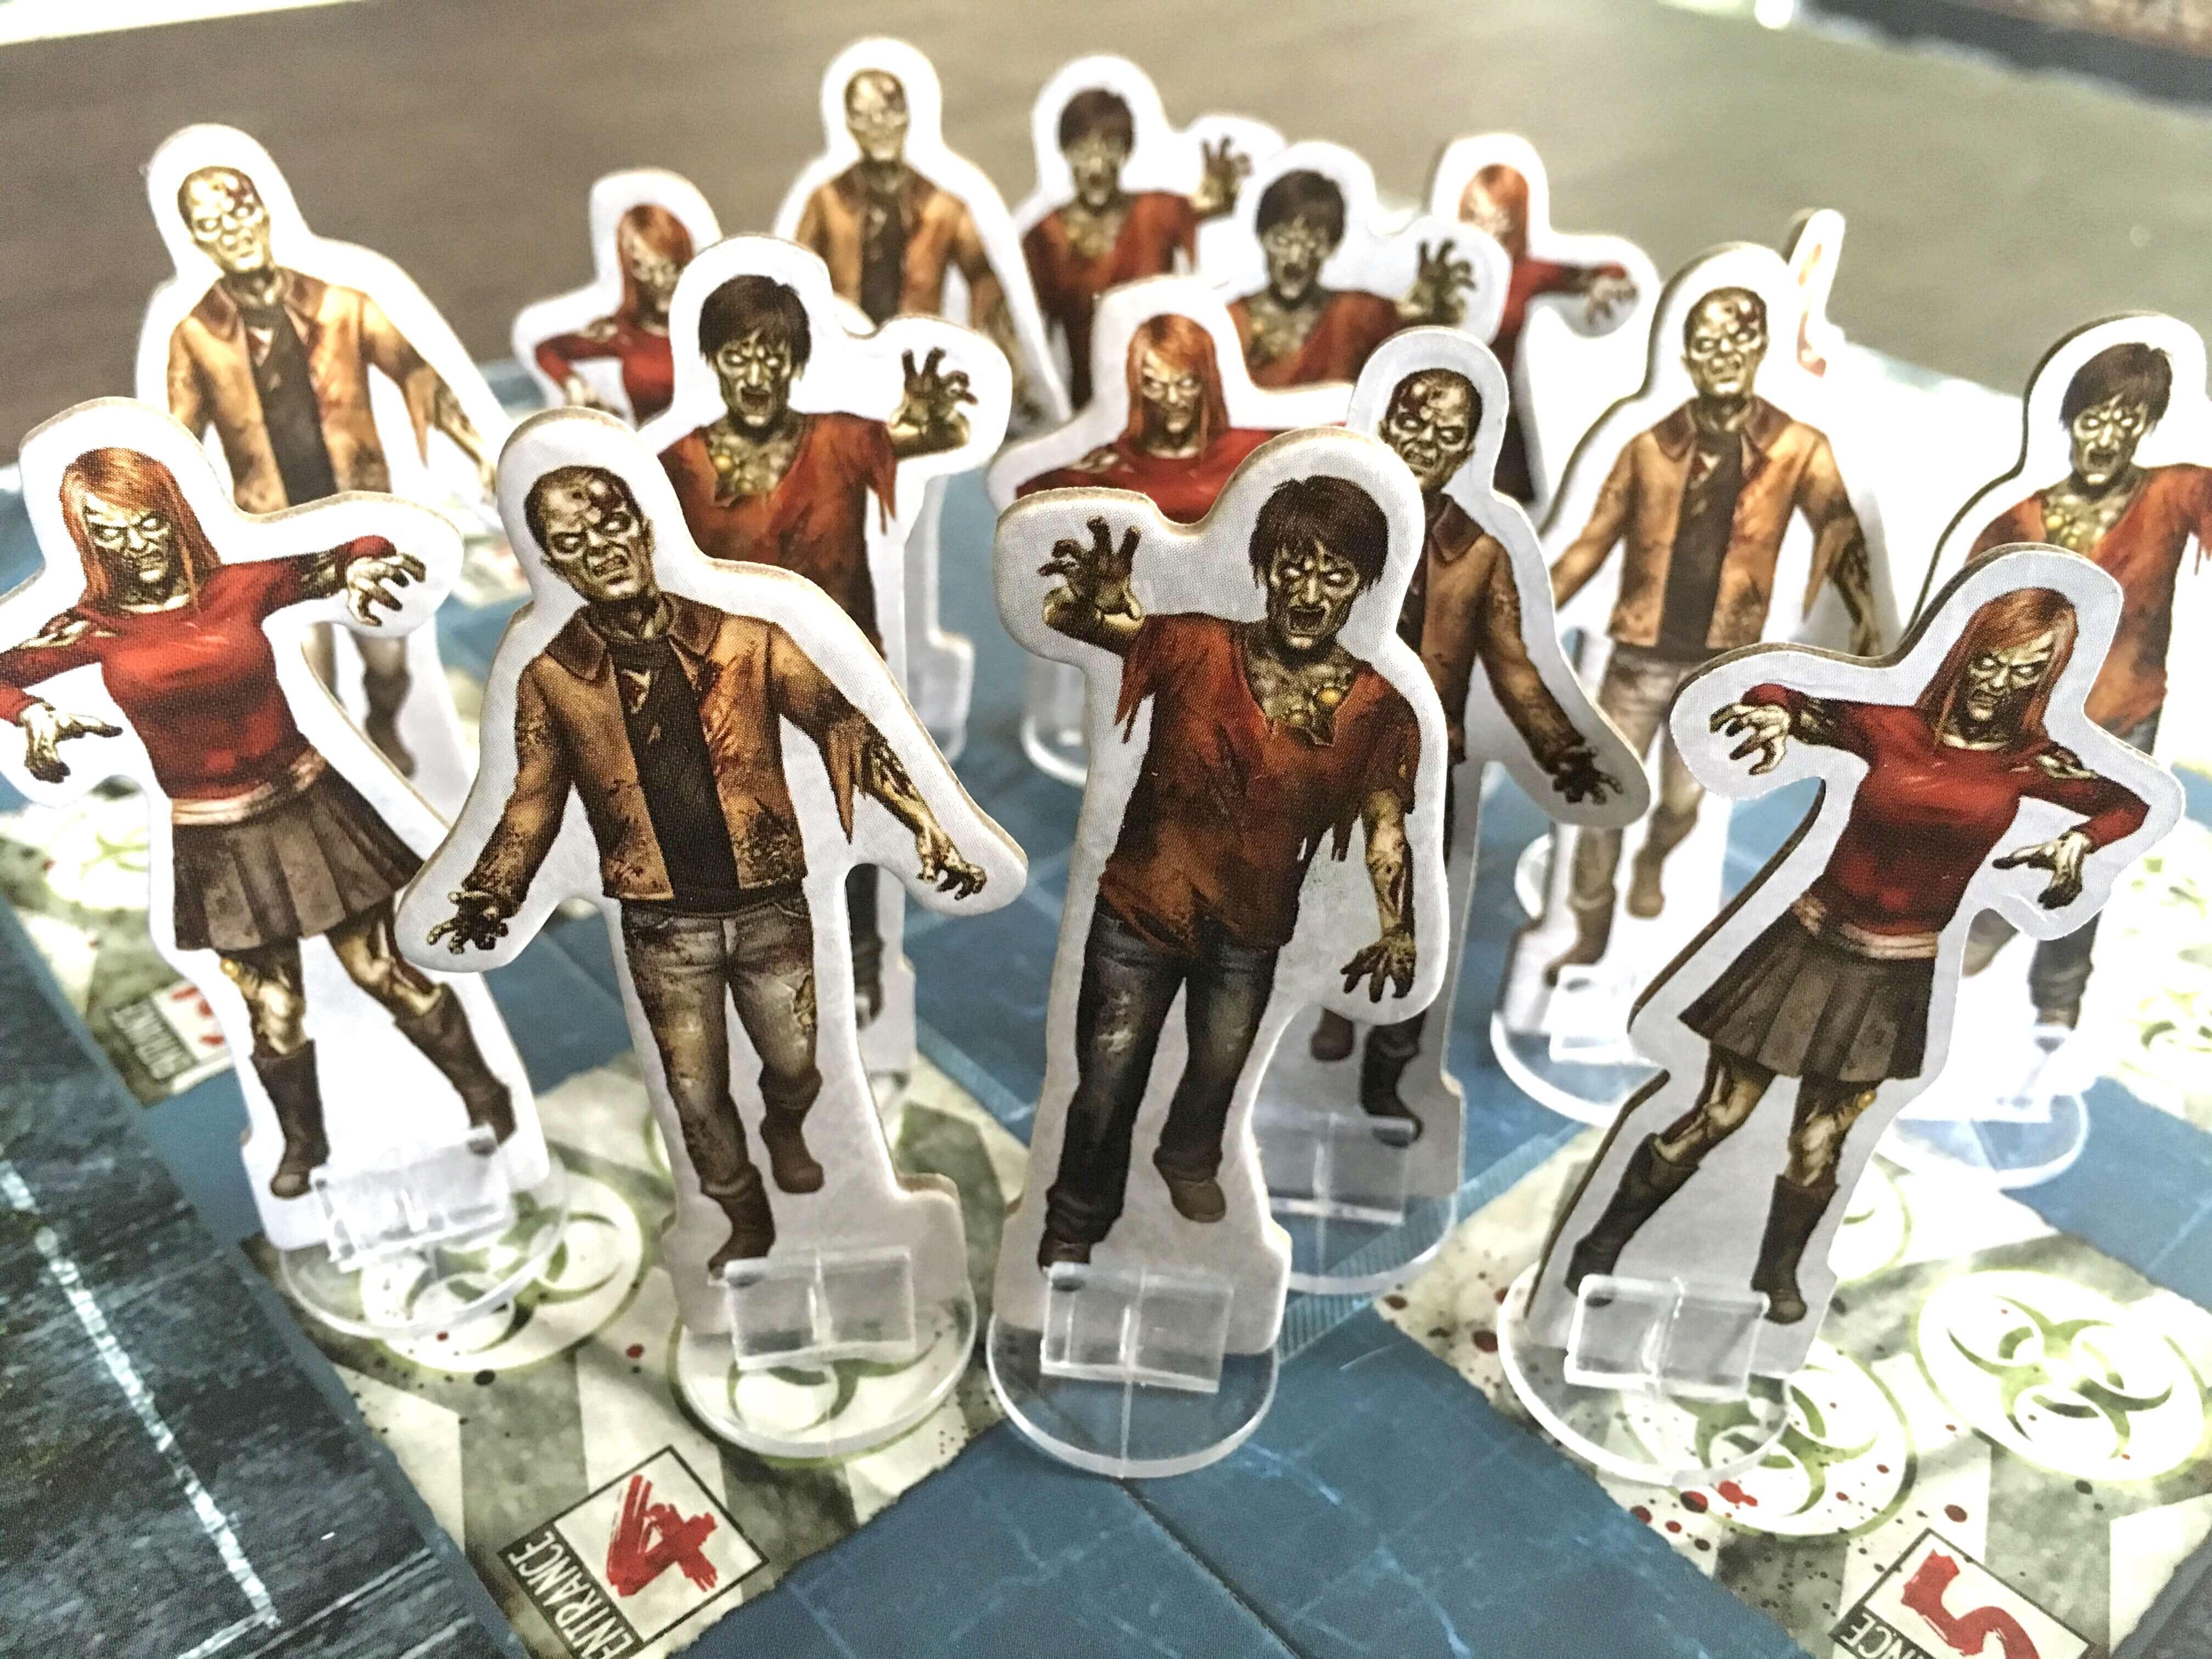 Zastępy wygłodniałych zombie